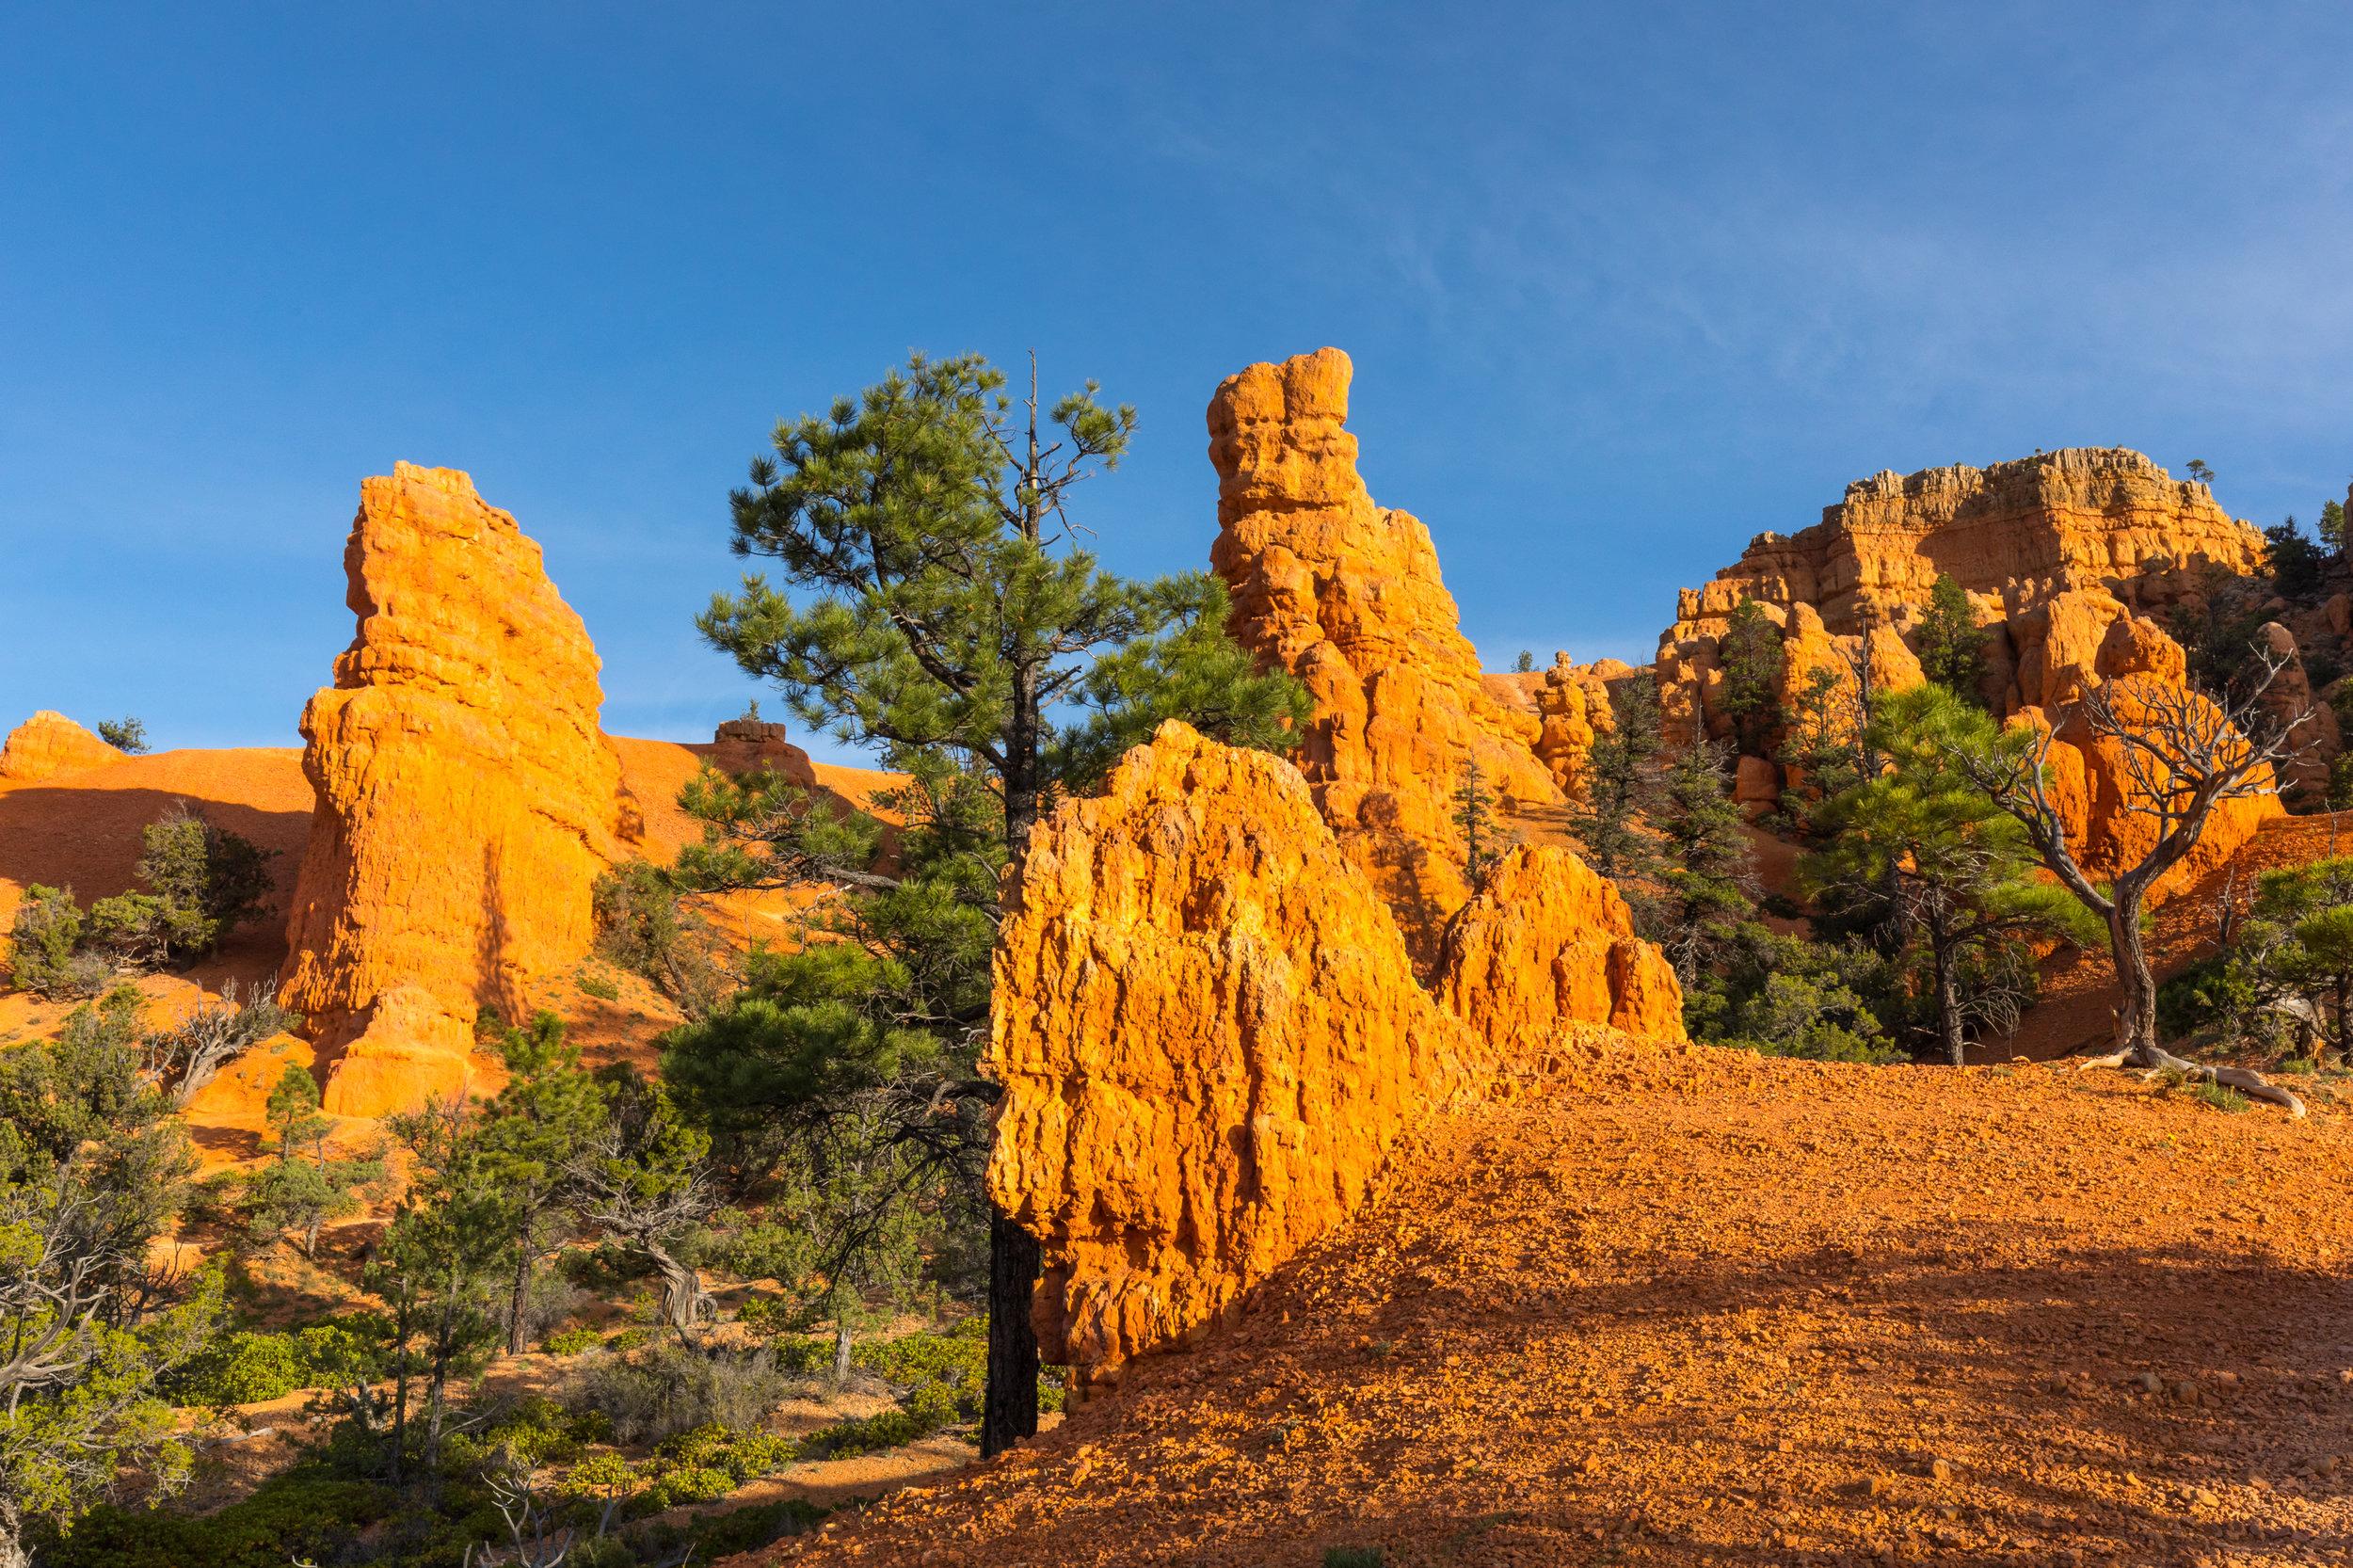 Sunrise Bryce National Park, Image # 0668